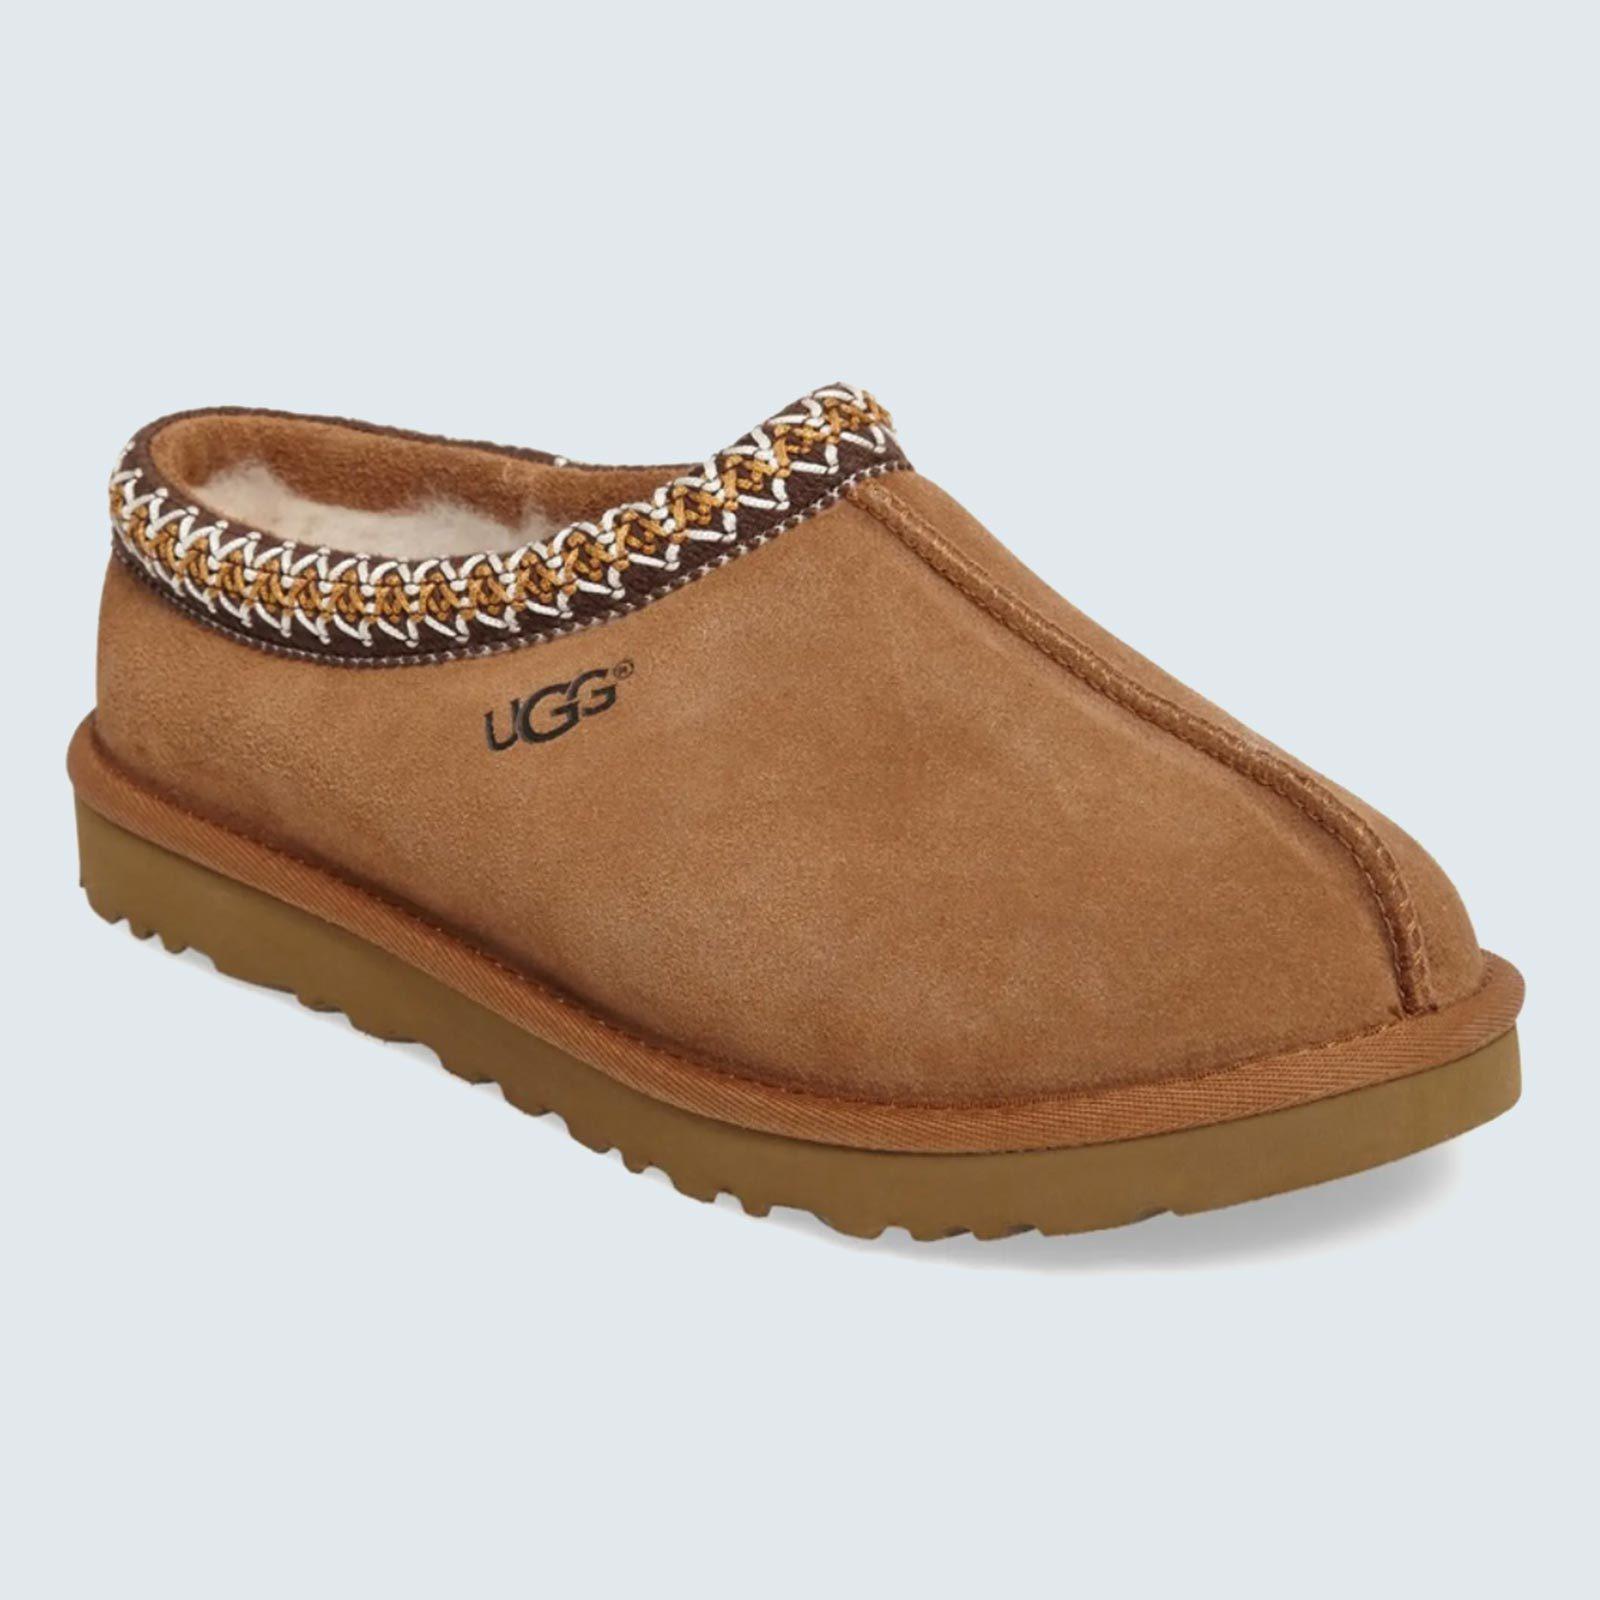 Most versatile slippers: UGG Tasman Slipper